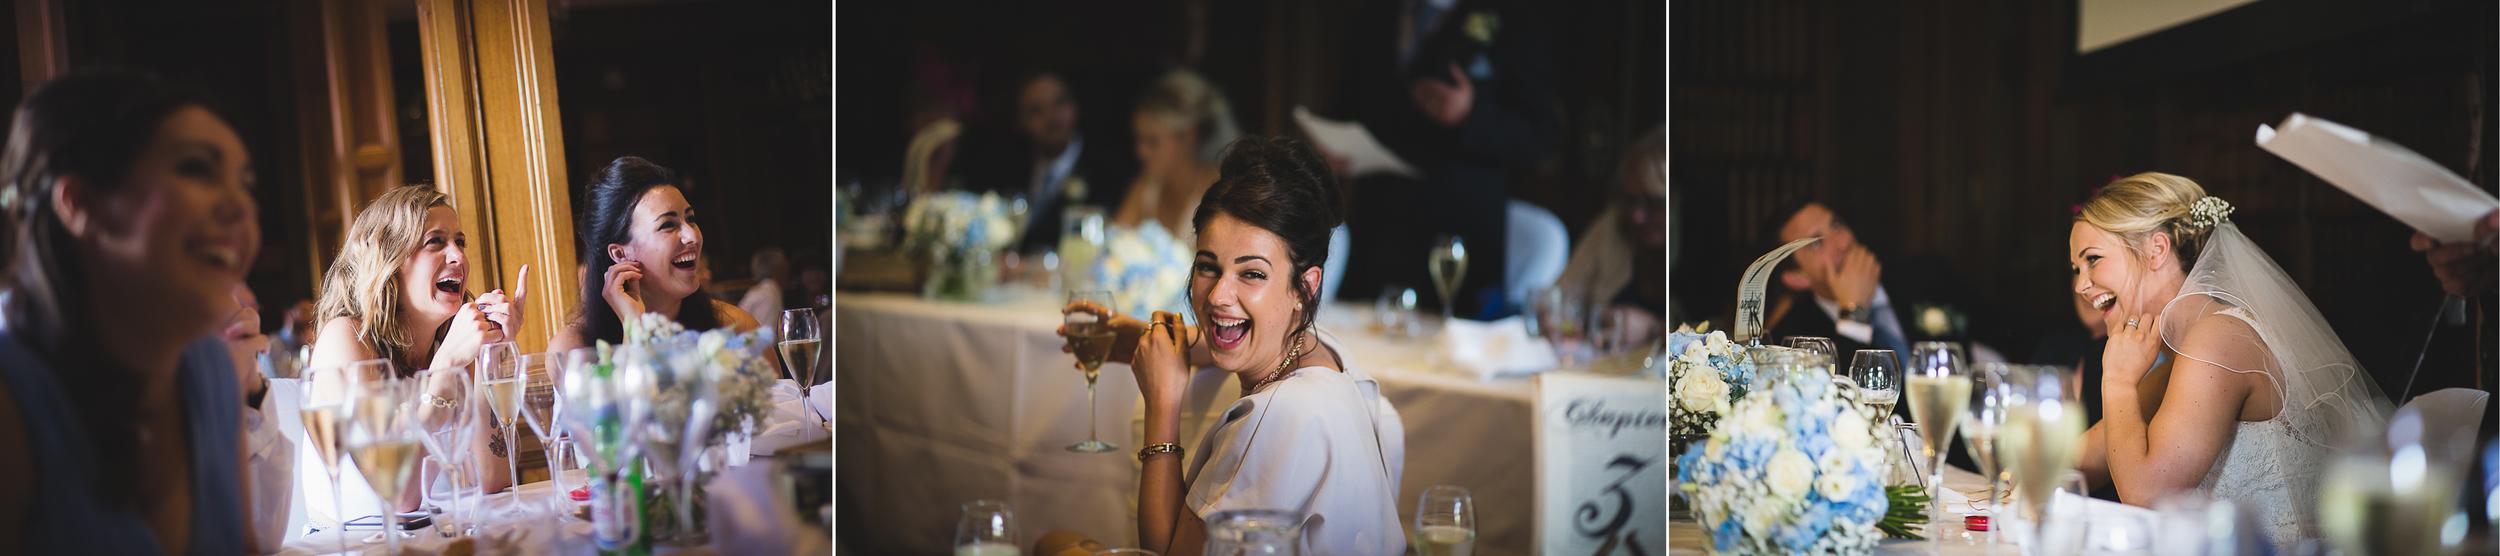 best-wedding-speech-photography.jpg